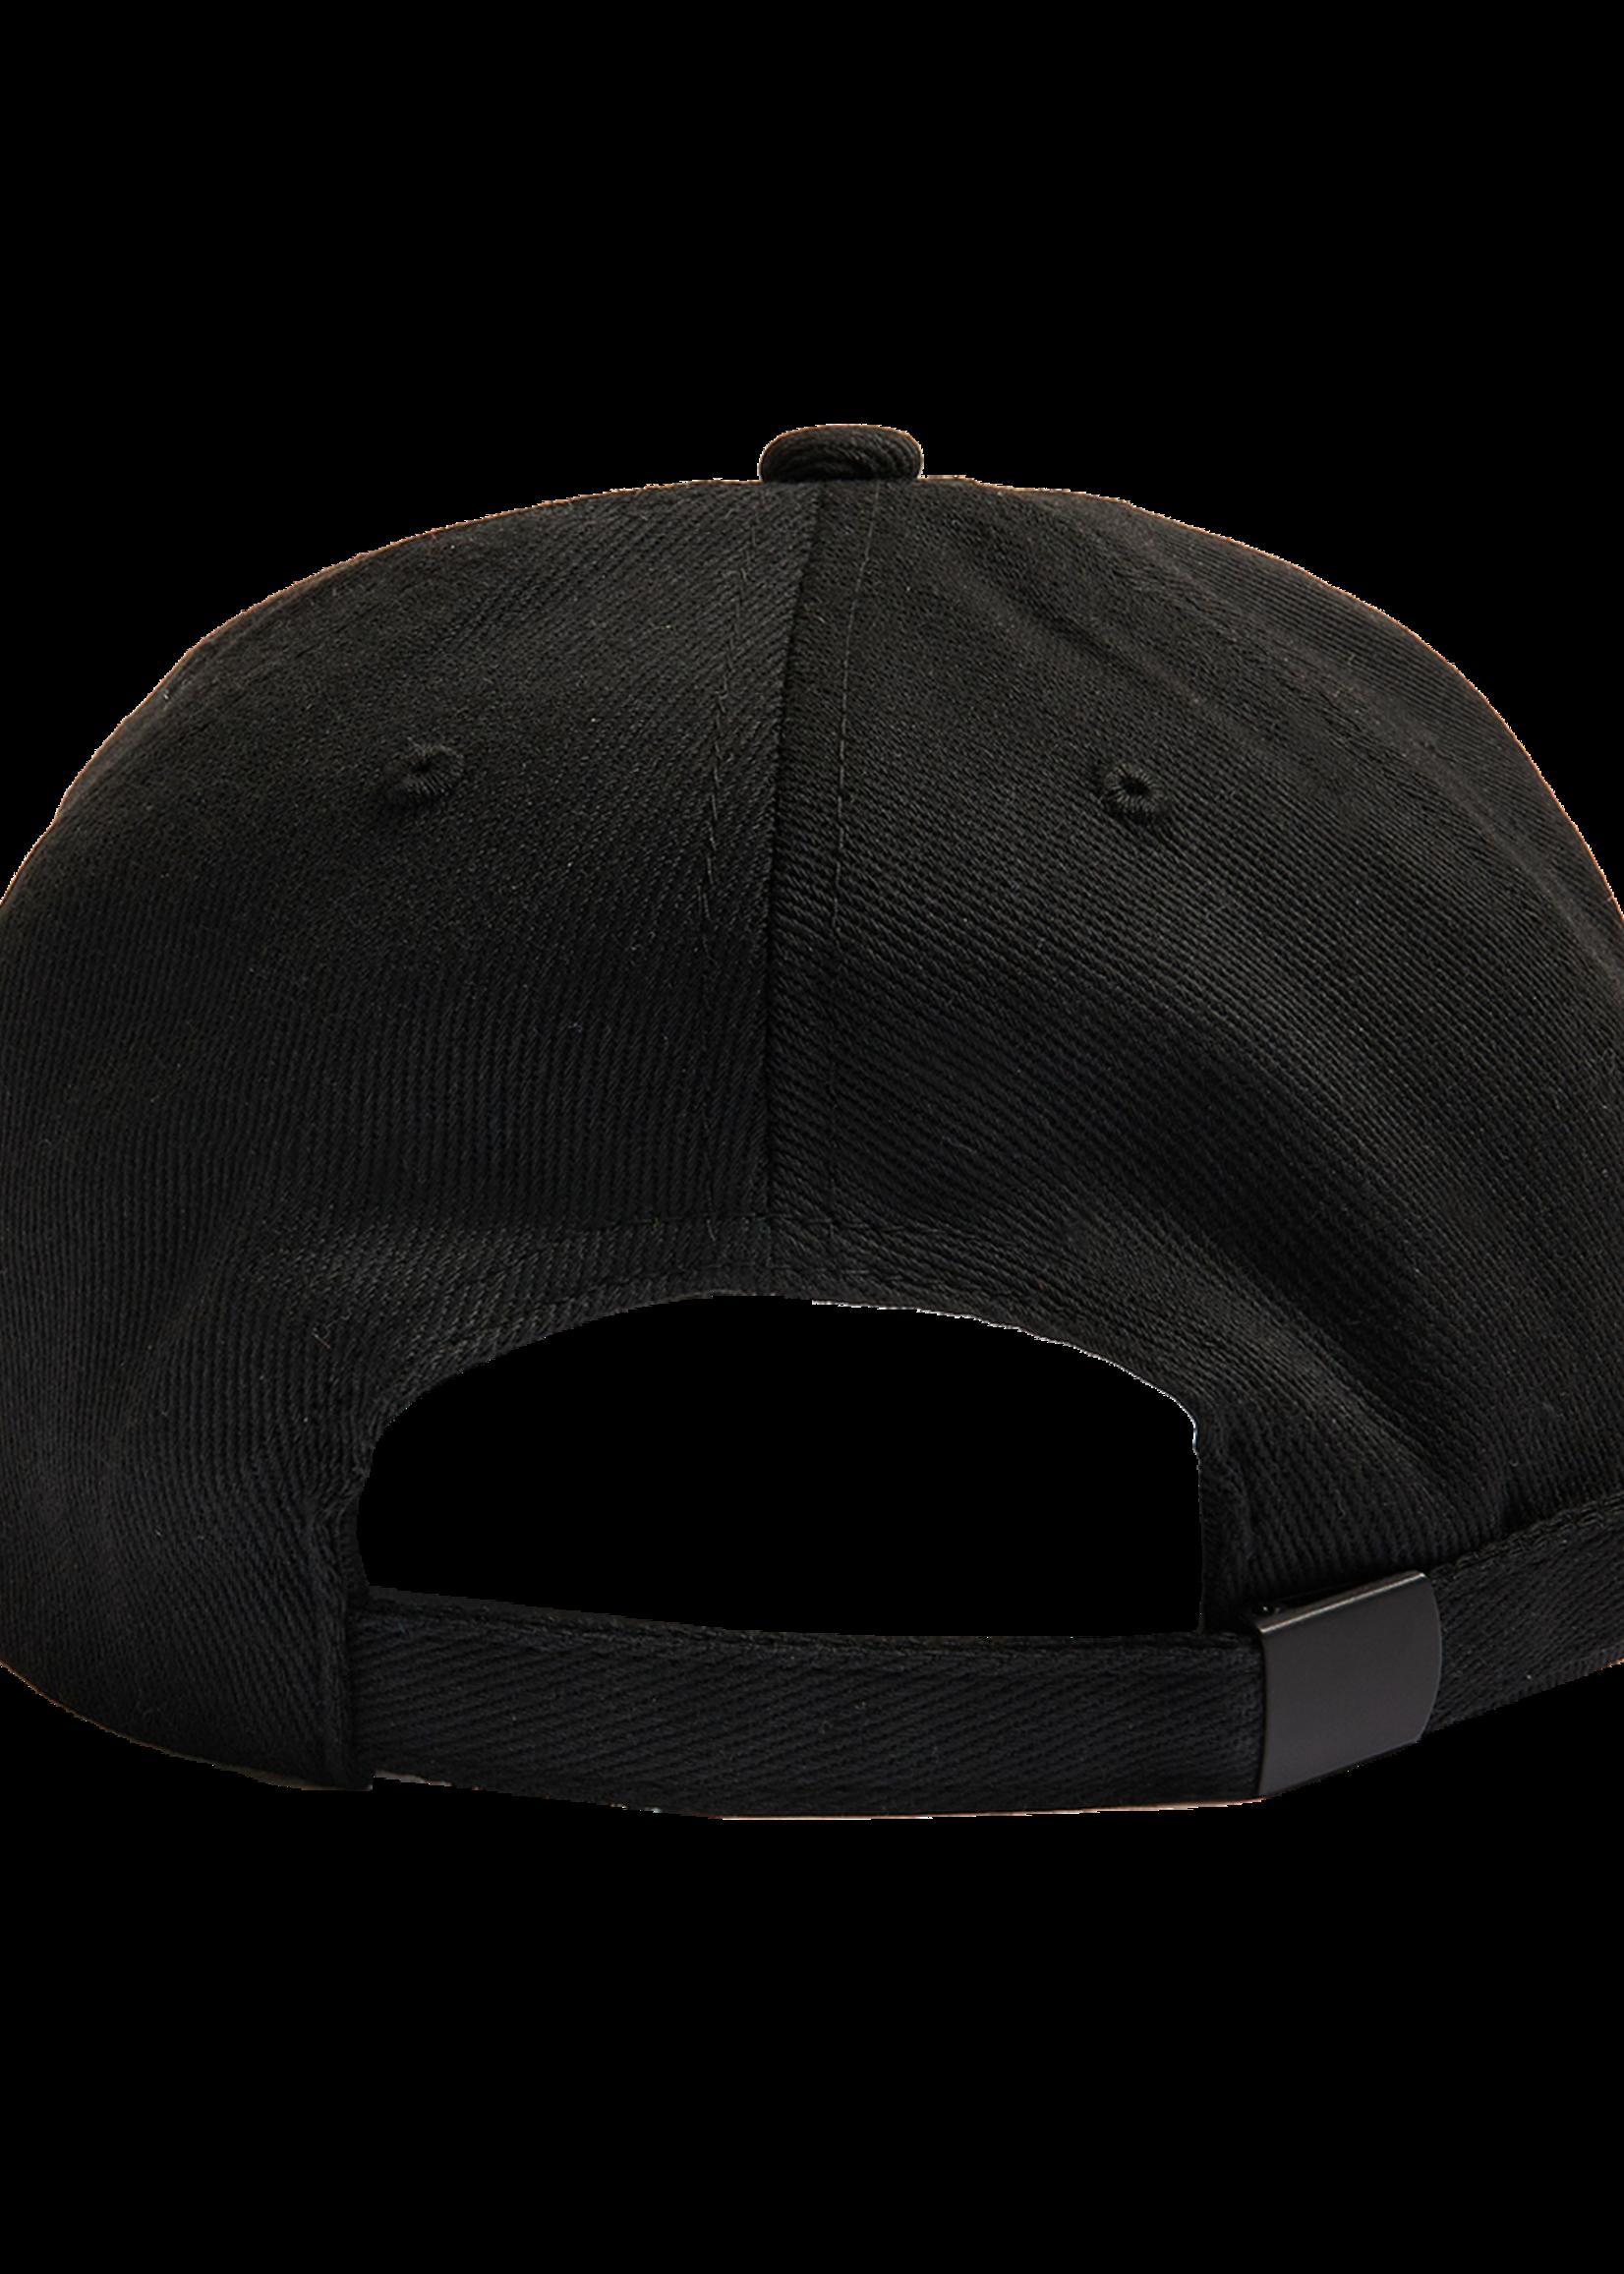 PLEASURES Good Time Baseball Cap in Black